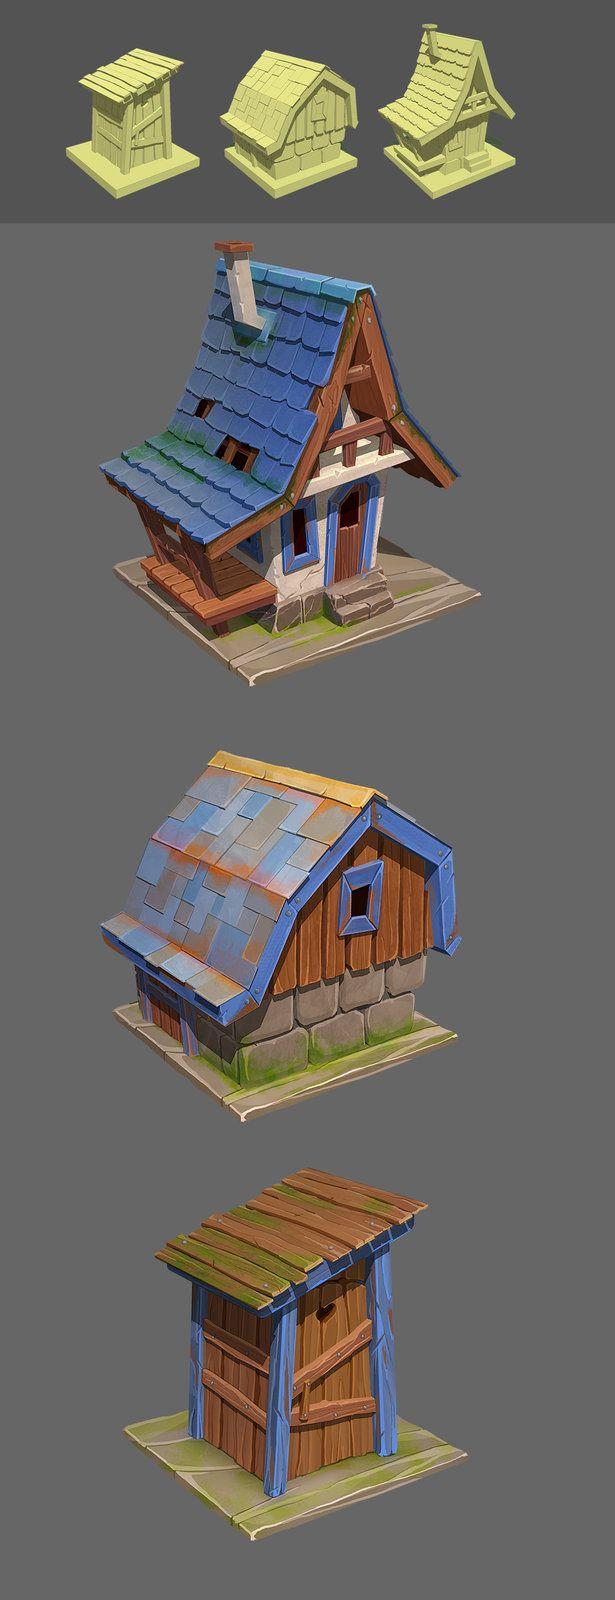 Houses_game_art, Yana Blyzniuk on ArtStation at https://www.artstation.com/artwork/houses_game_art